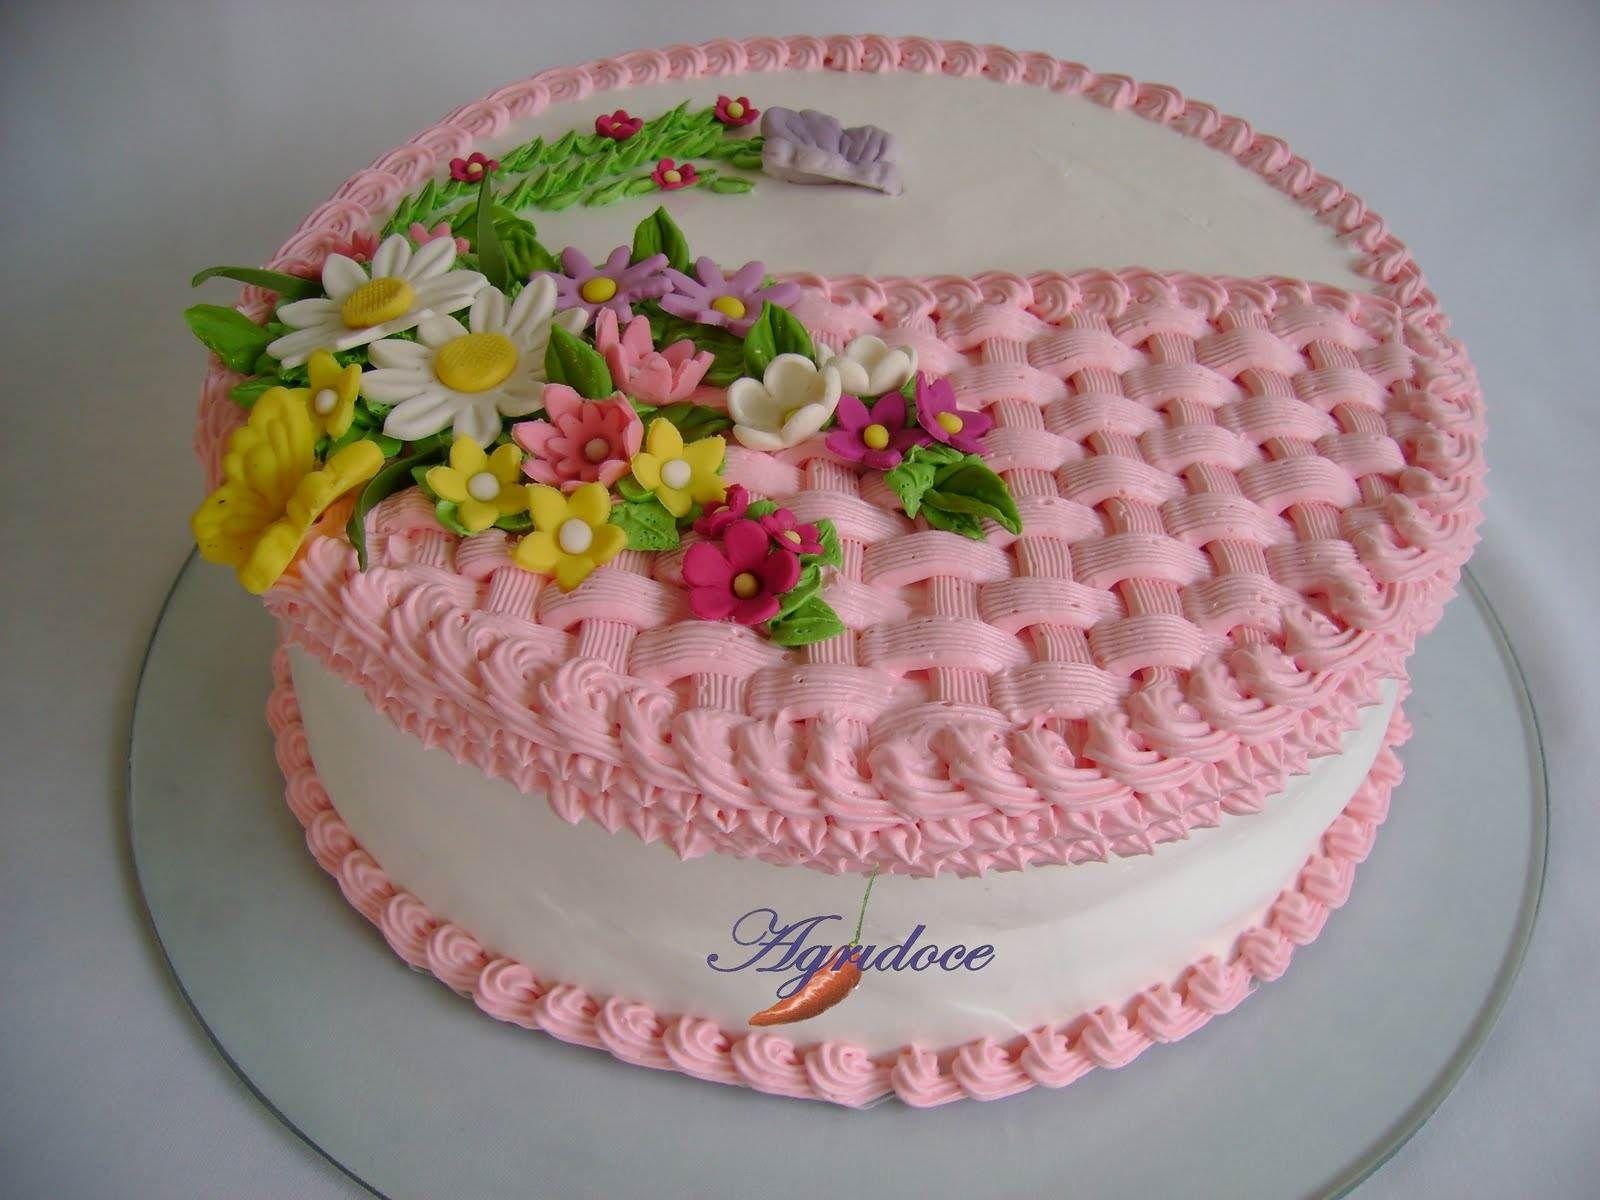 bolos decorados - Pesquisa Google | Ideias de Varios Bolos ...